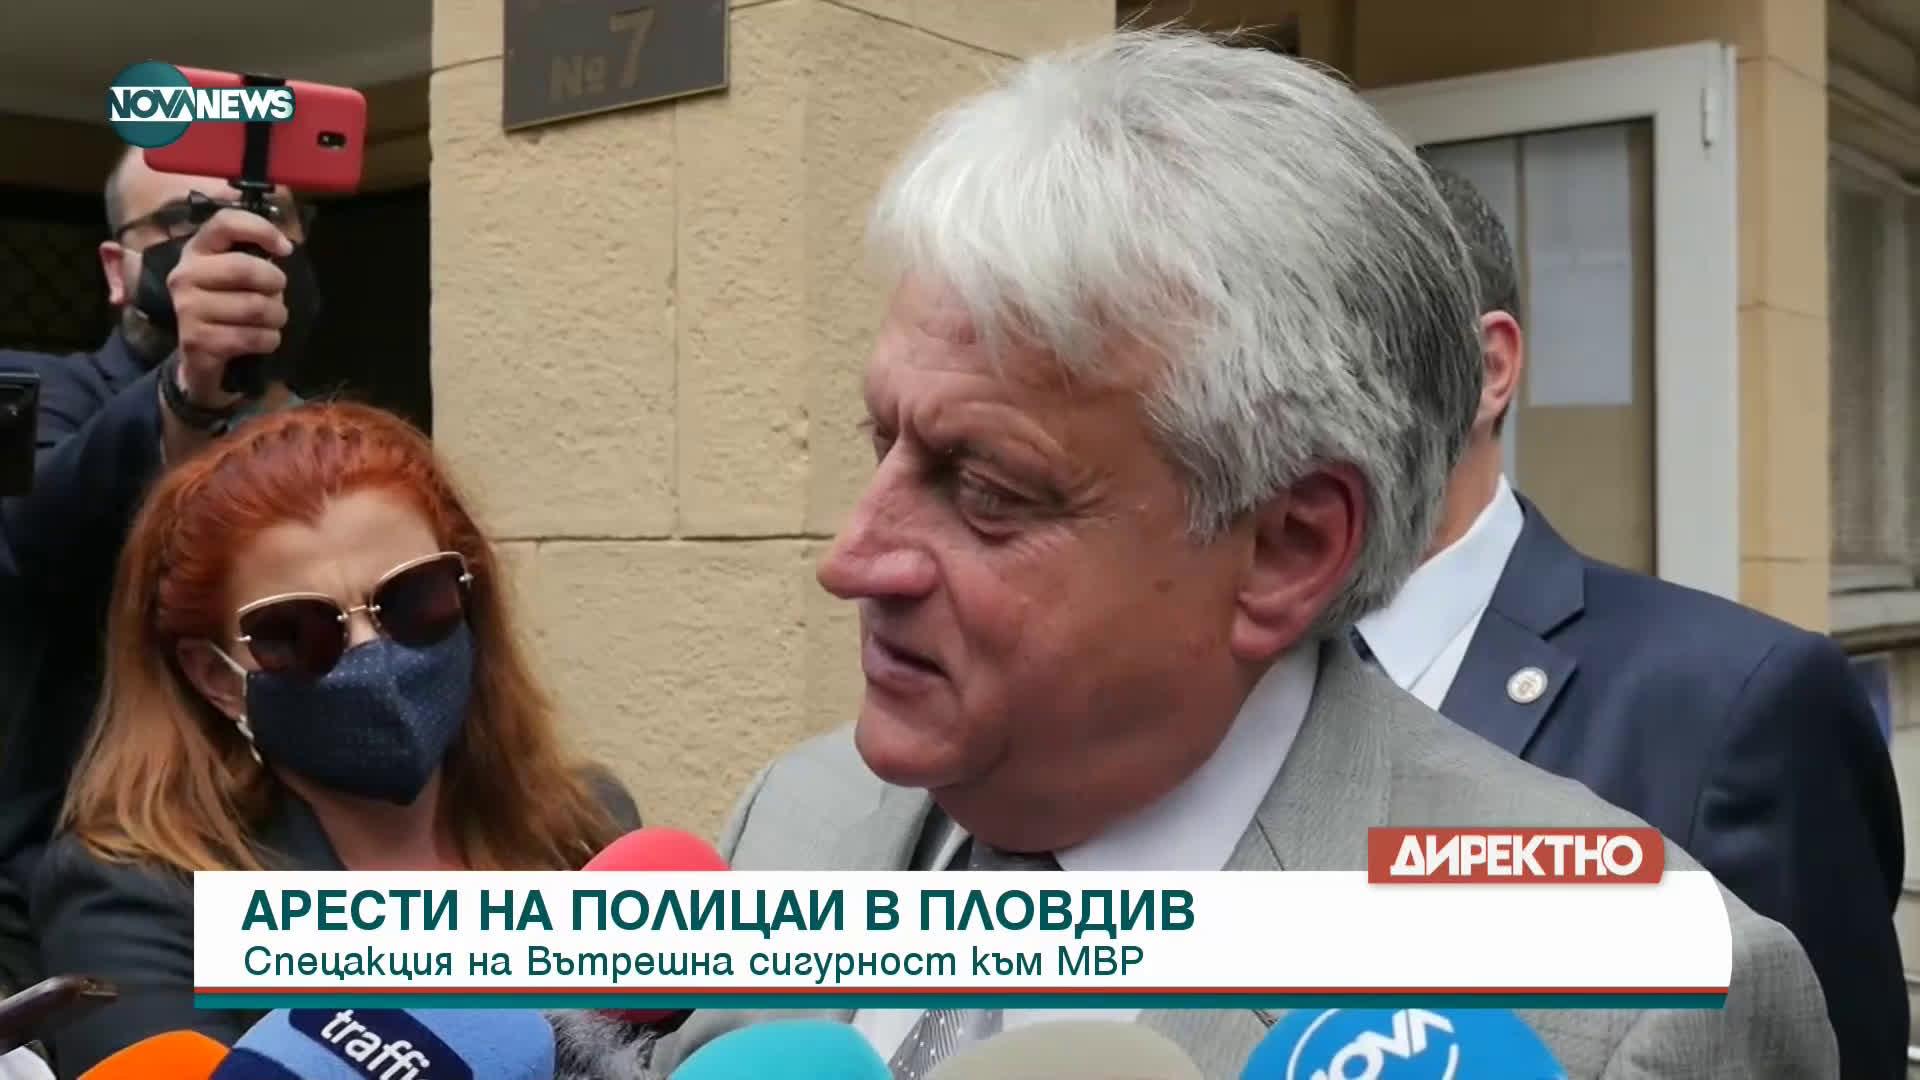 Бойко Рашков за арести на полицаи в Пловдив